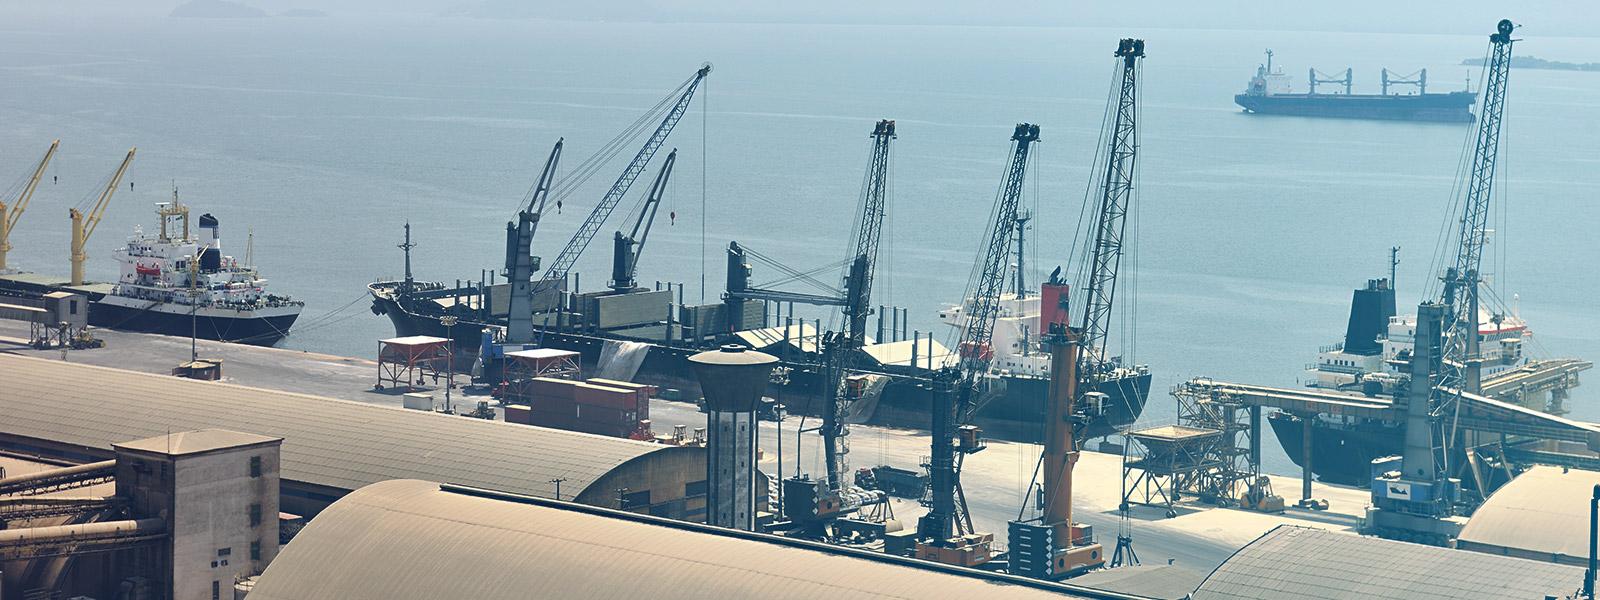 Novo scanner de cargas no Porto de Paranaguá